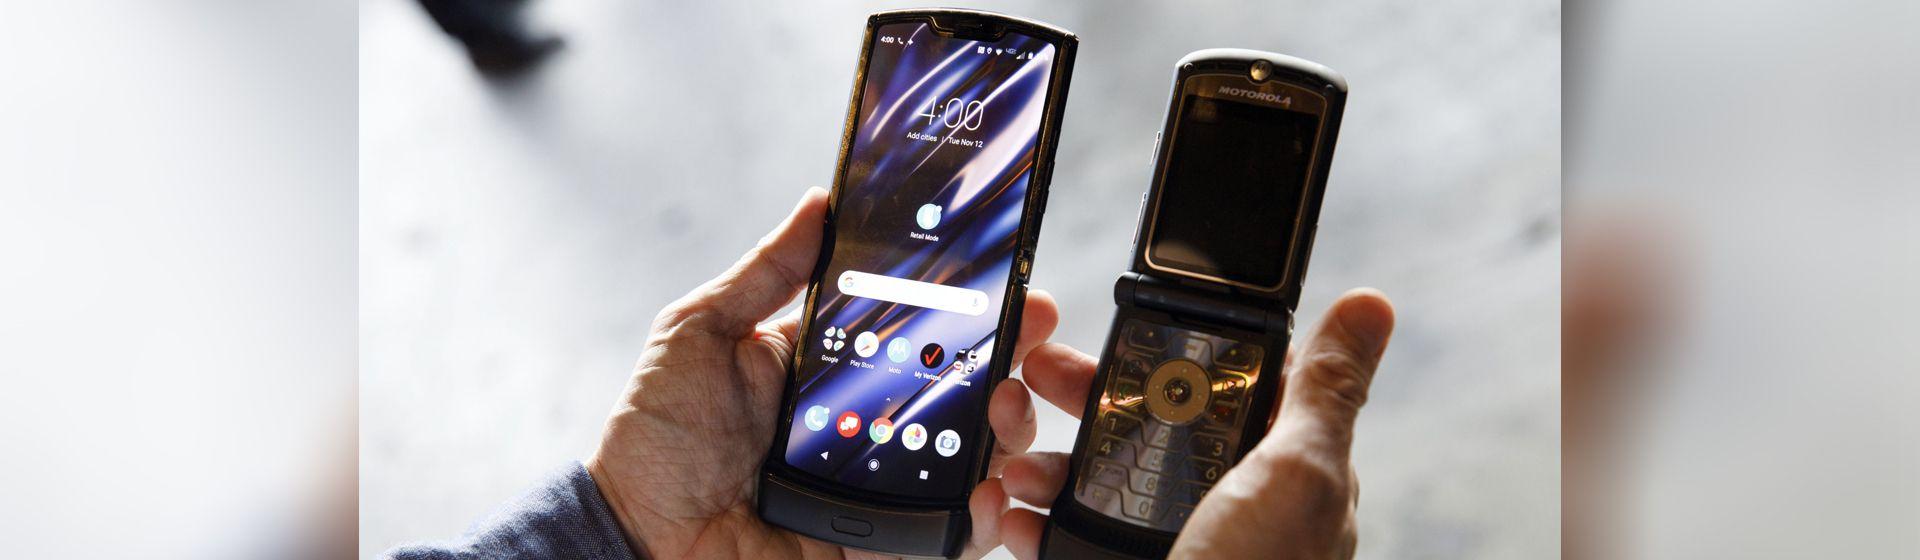 Motorola Razr V3 x Razr 2019: o que mudou entre os dois modelos?